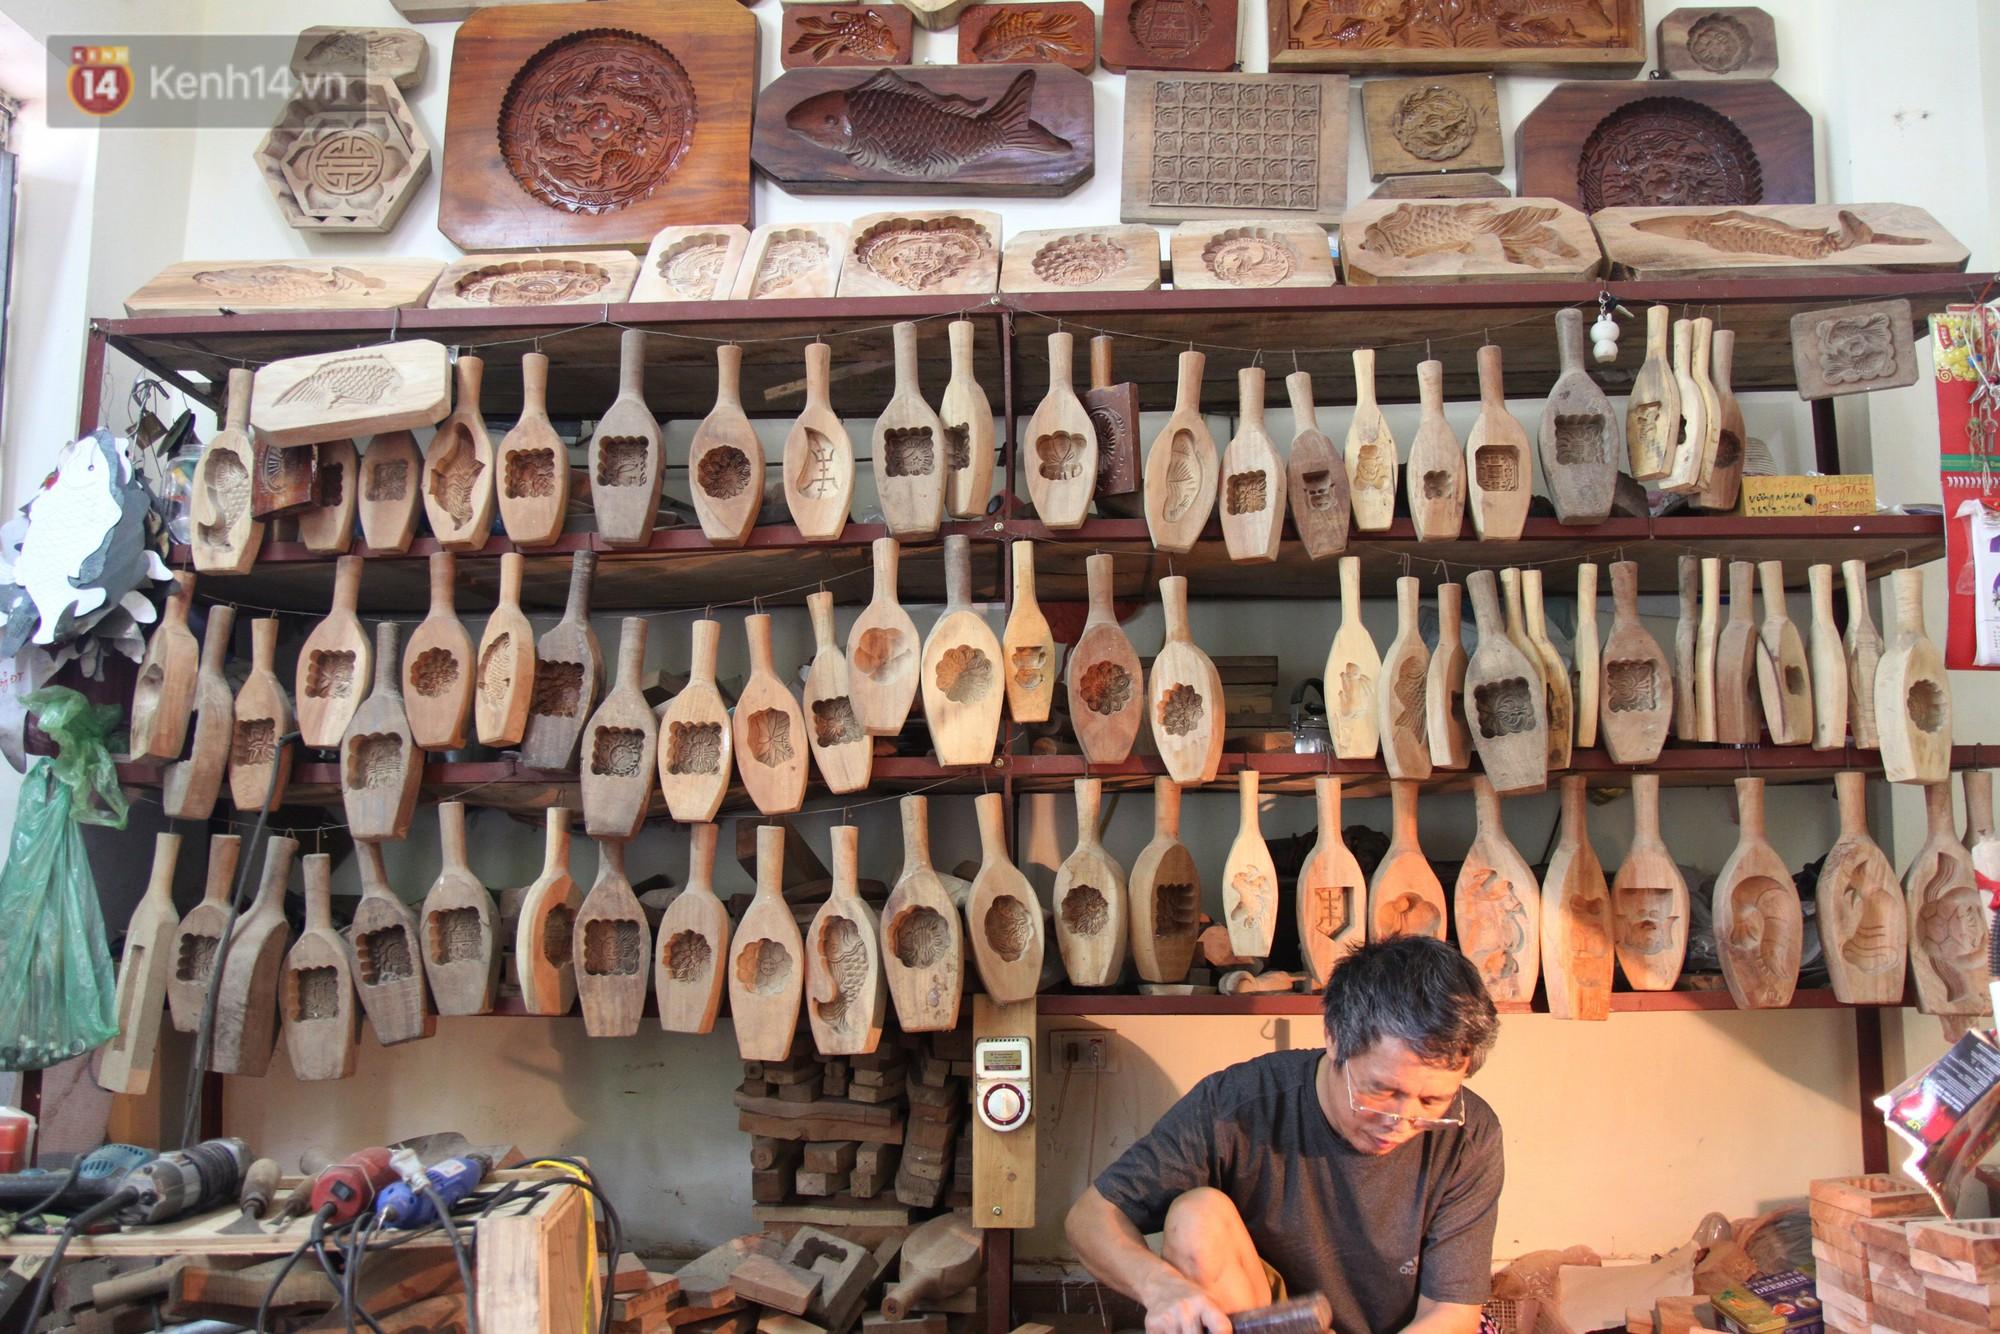 Ghé thăm người đàn ông 35 năm đẽo đục khuôn bánh Trung thu ở Hà Nội: Một khuôn gỗ đắt nhất giá 5 triệu - Ảnh 2.